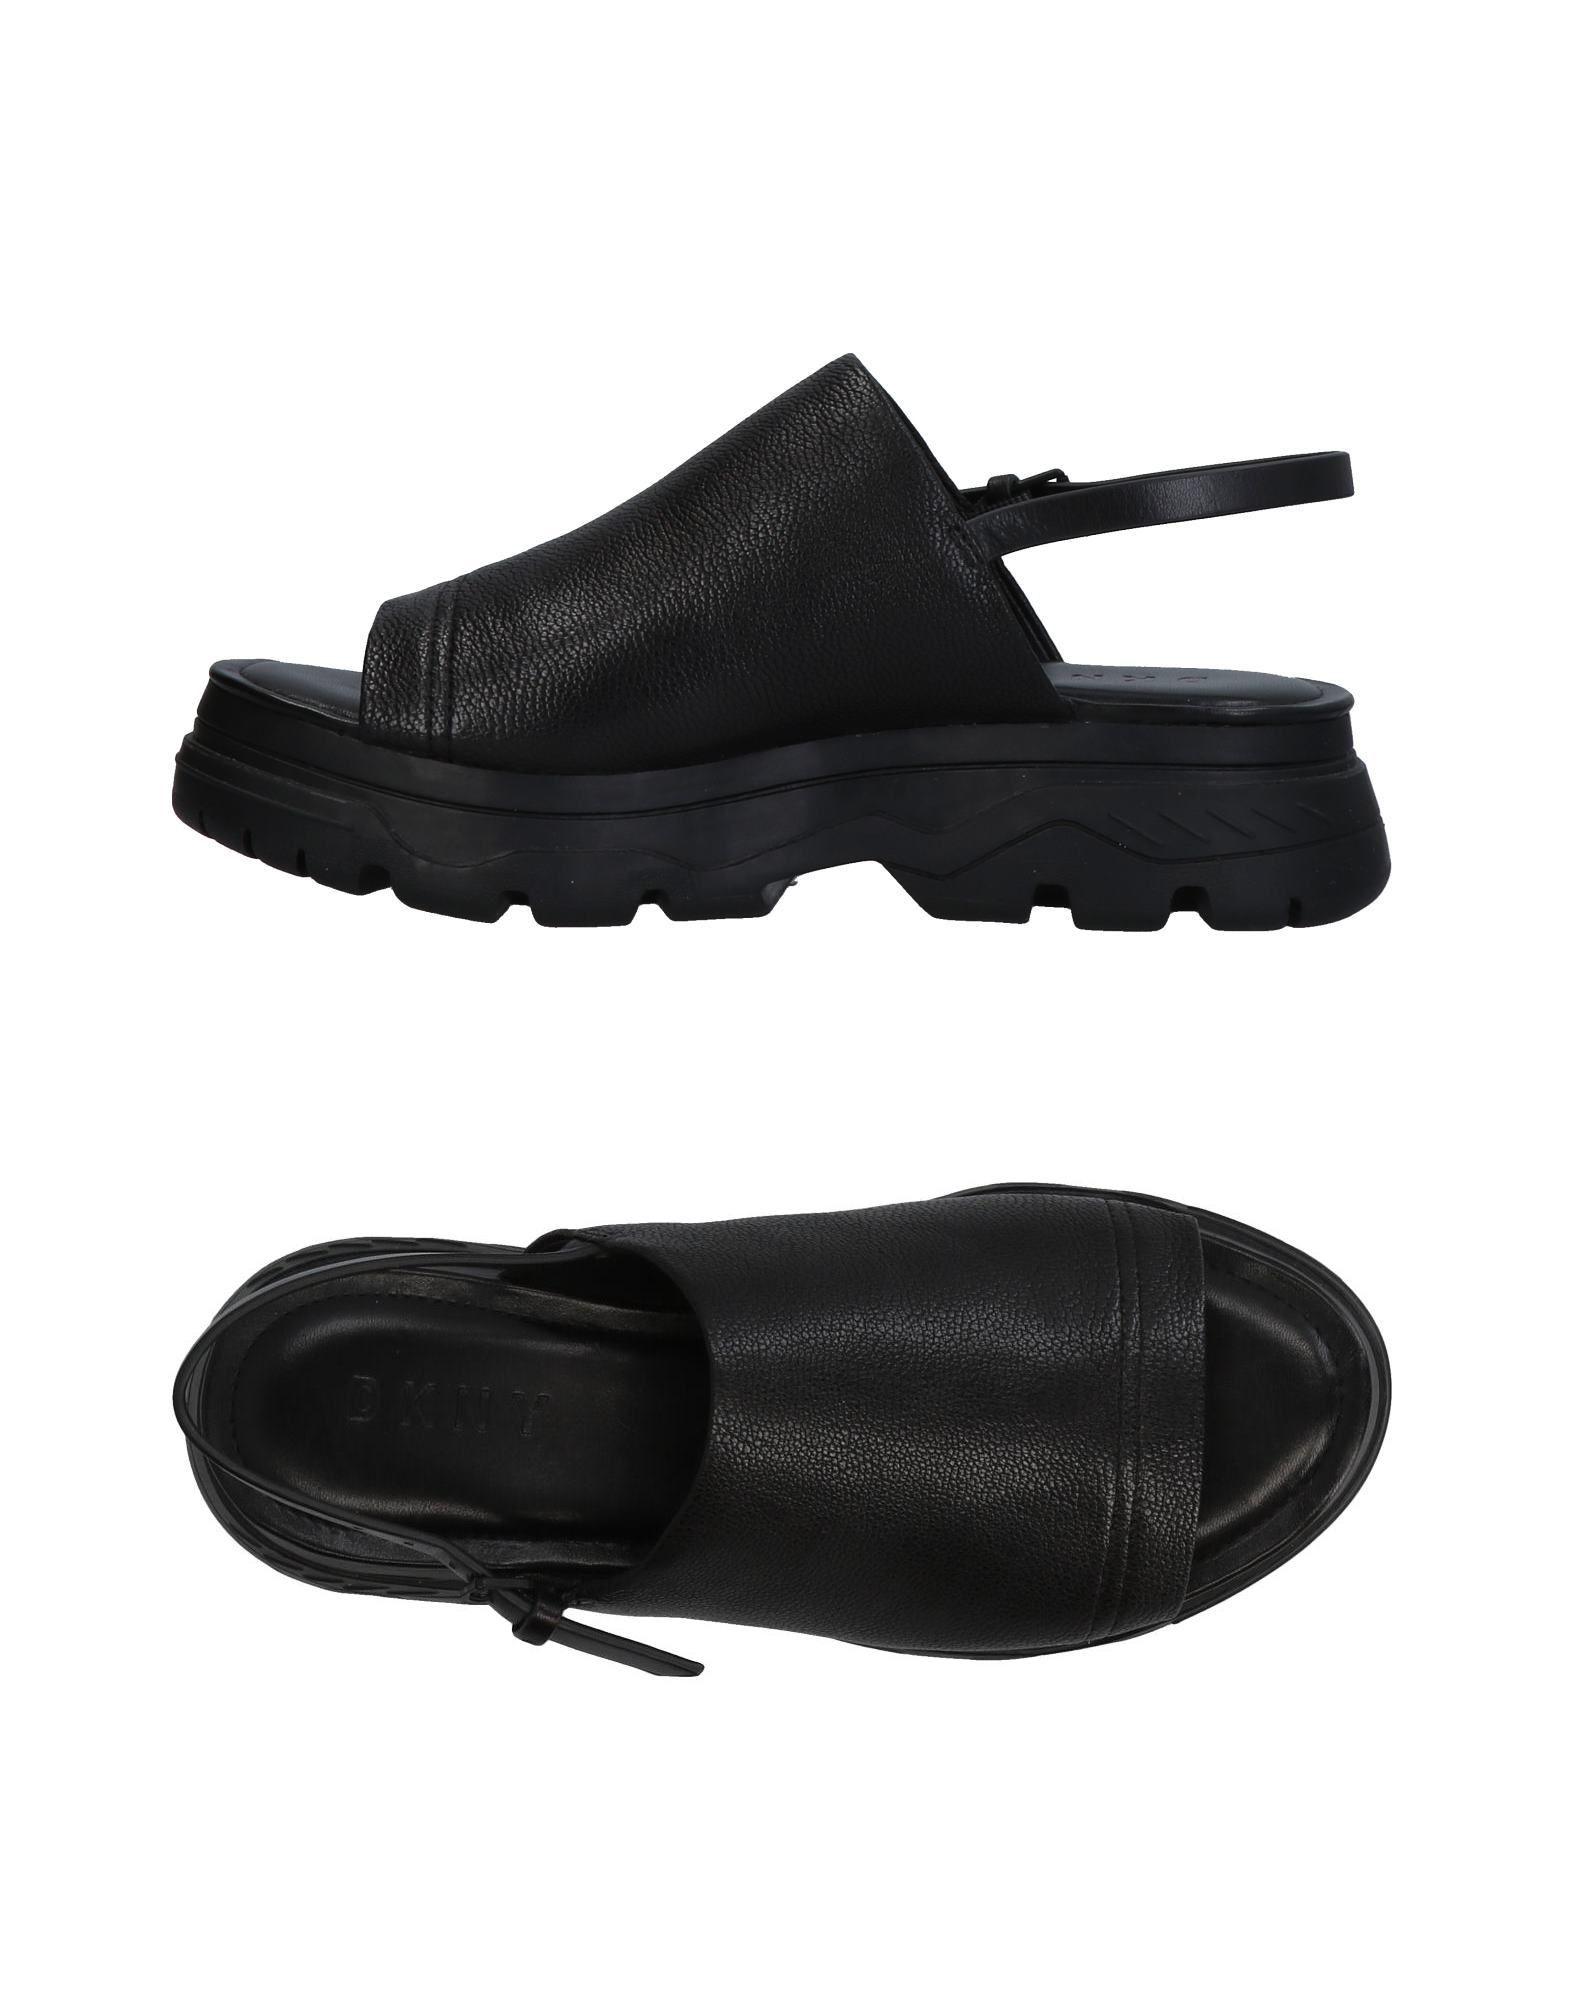 《送料無料》DKNY レディース サンダル ブラック 8 革